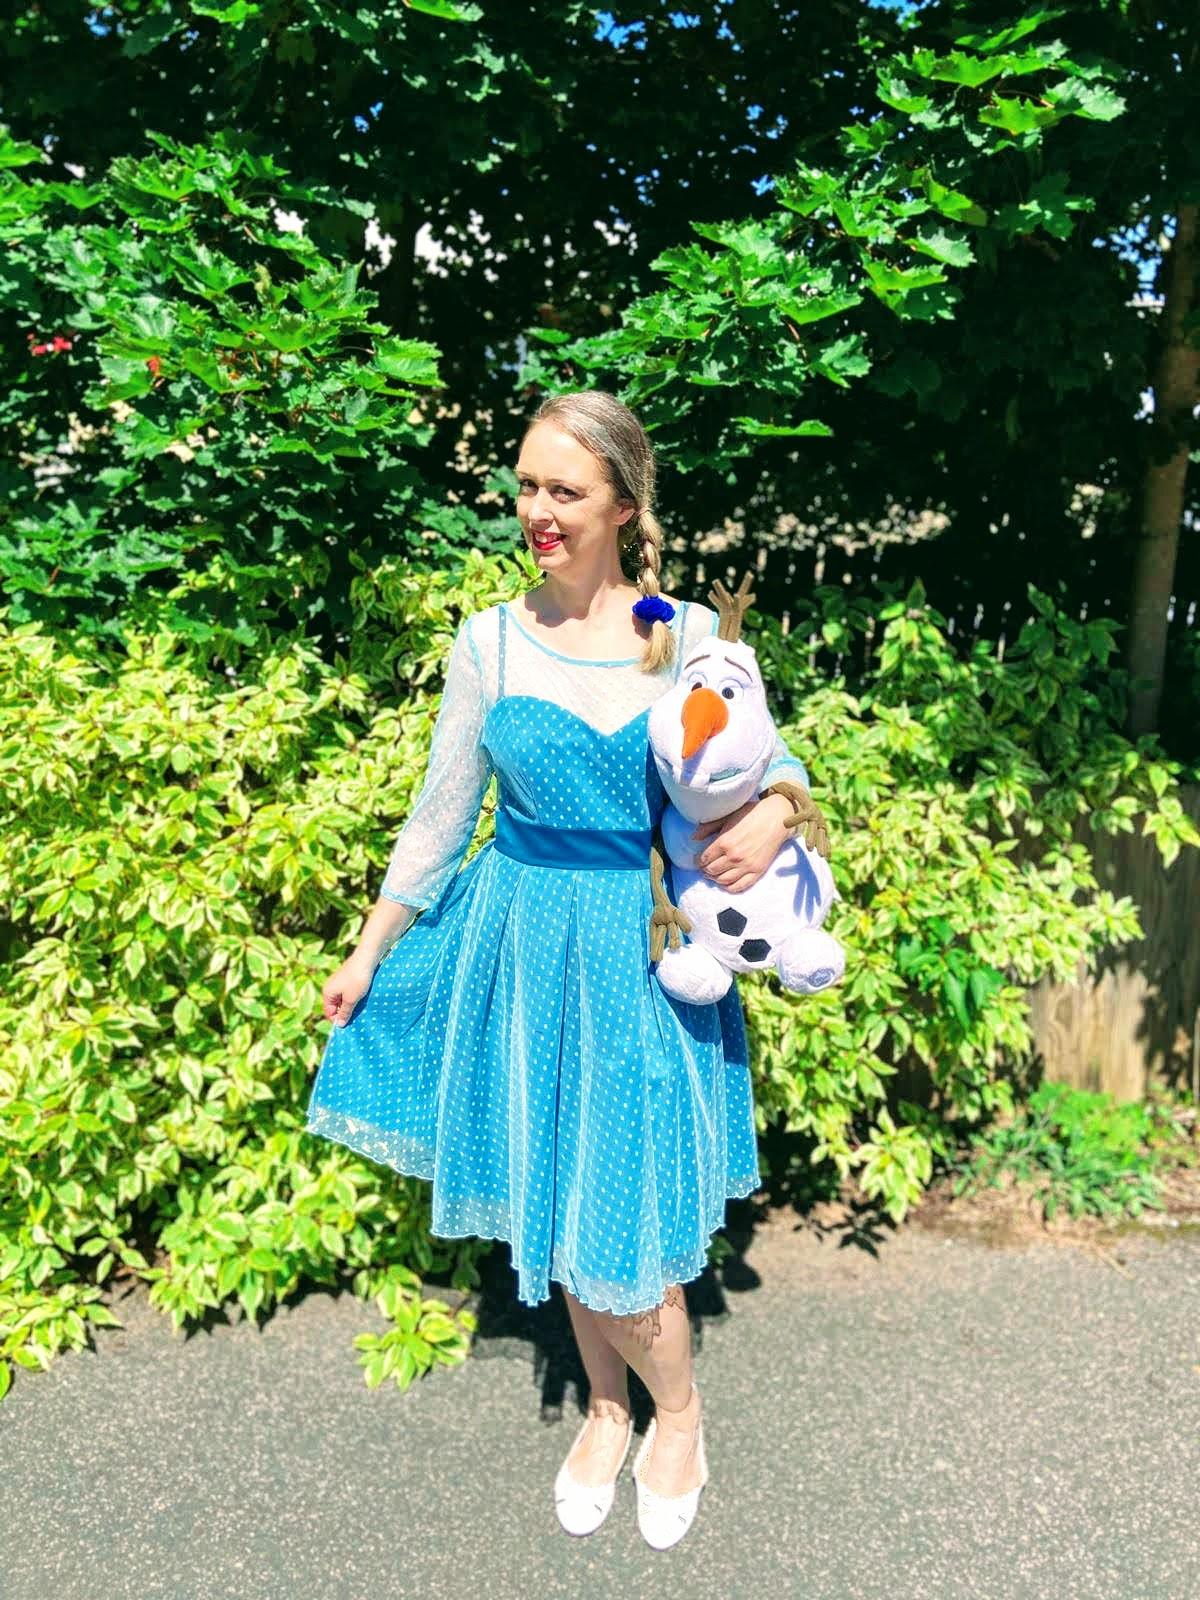 Elsa From Frozen Fancy Dress: Over 40 Party Ideas